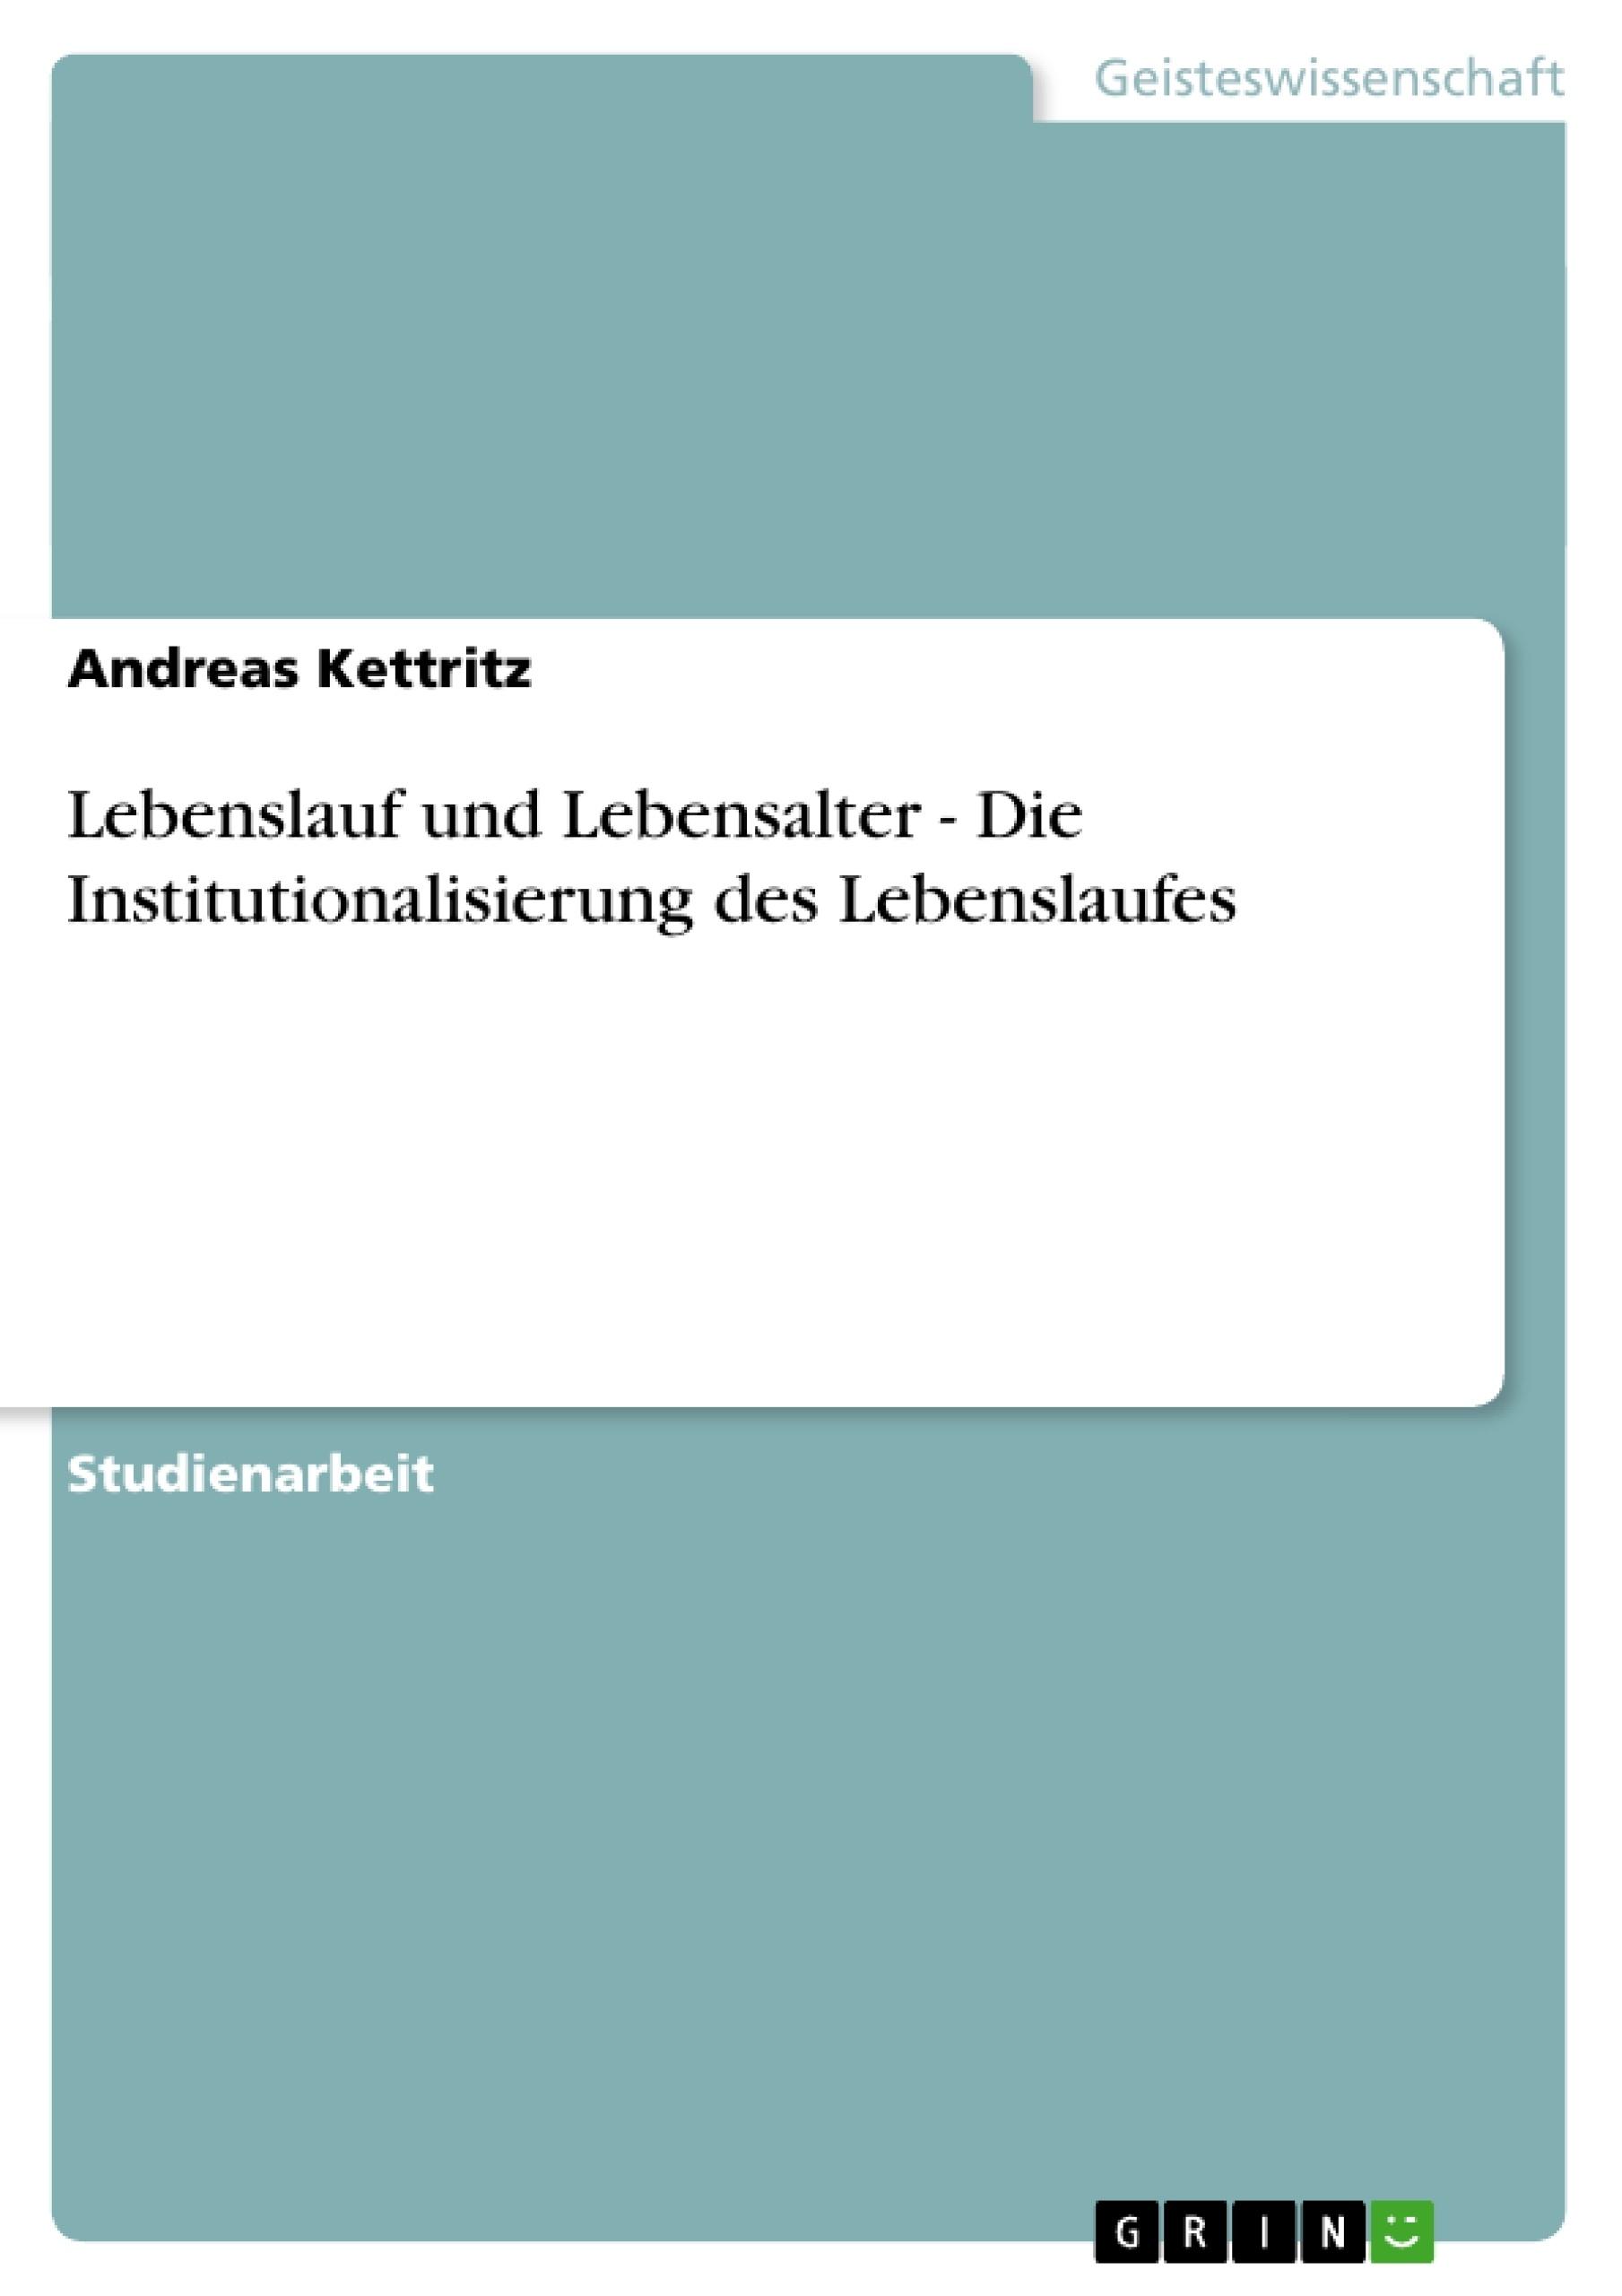 Titel: Lebenslauf und Lebensalter - Die Institutionalisierung des Lebenslaufes